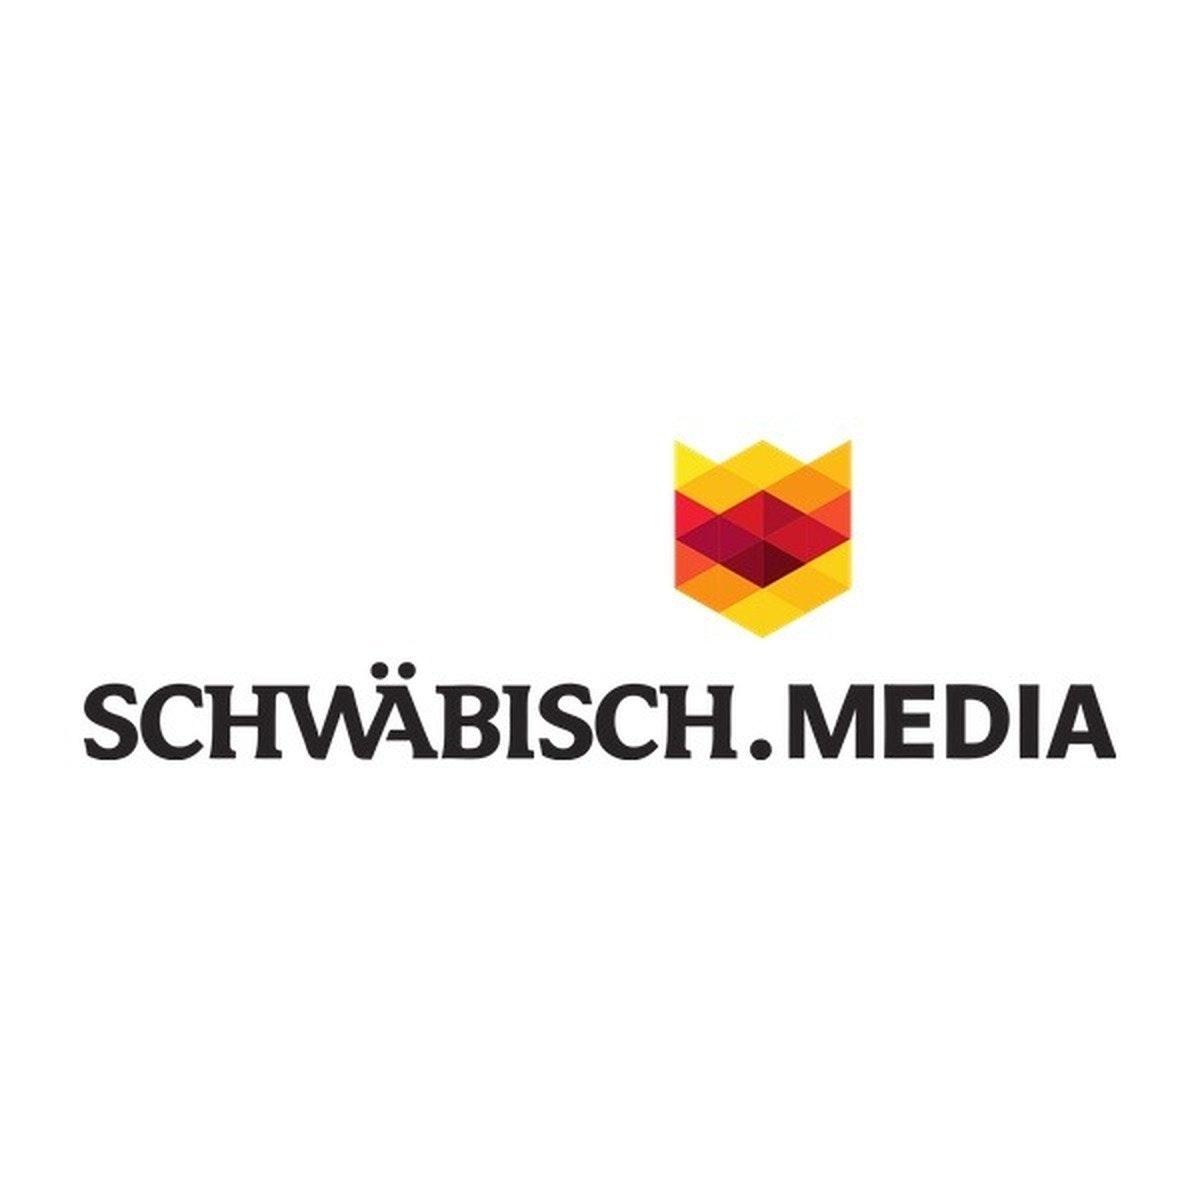 Schwäbisch Media - Schwäbischer Verlag GmbH und Co. KG